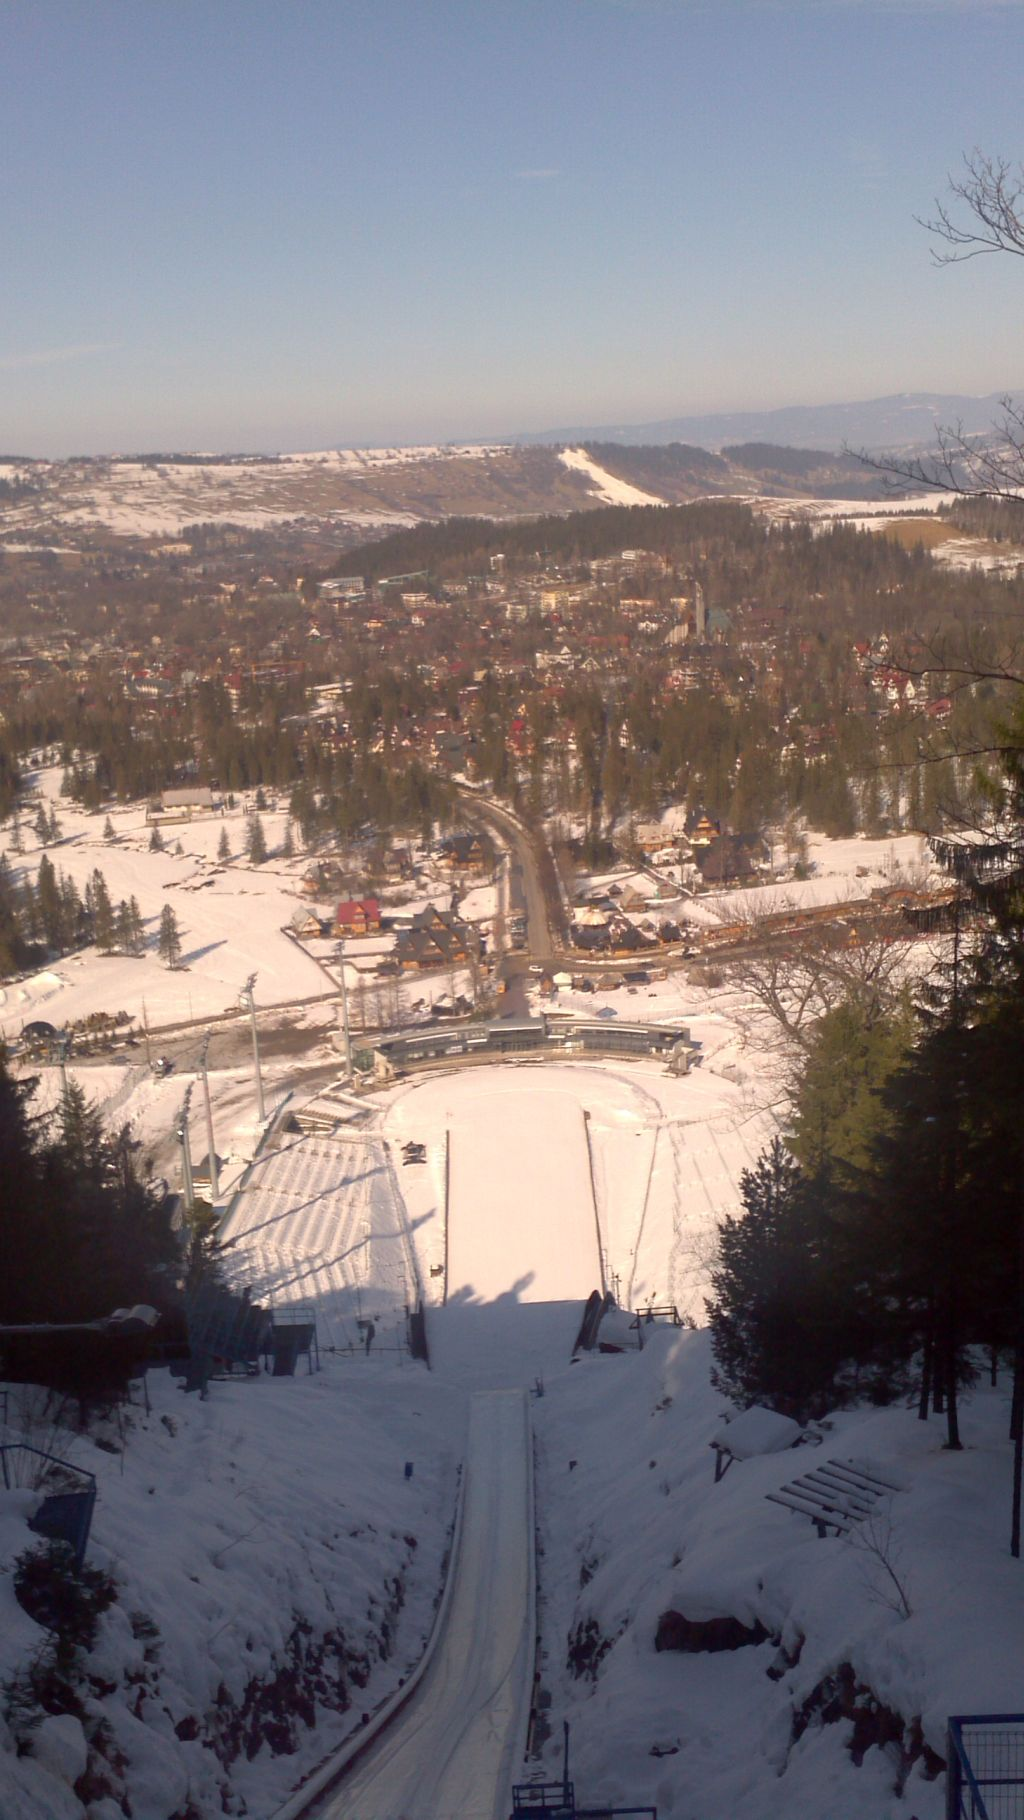 Skocznia narciarska w Zakopanem - Wielka Krokiew